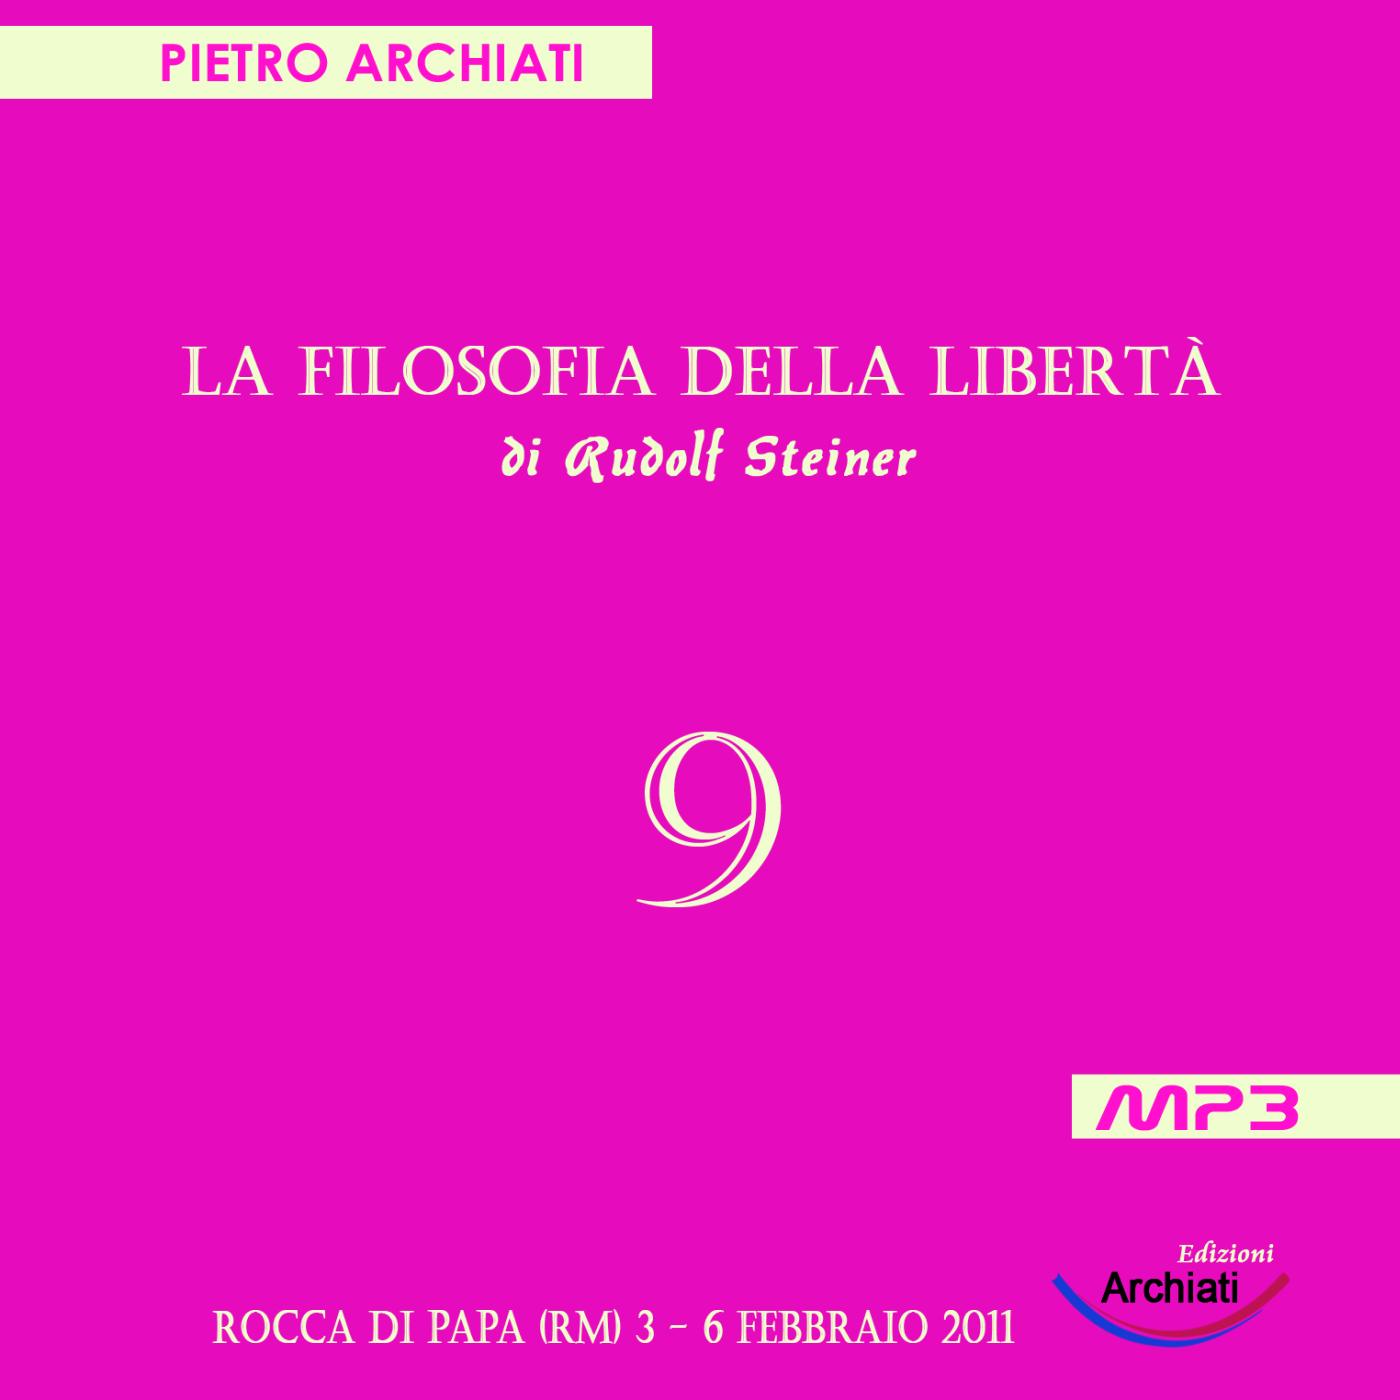 La Filosofia della Libertà - 9° Seminario - Rocca di Papa (RM), dal 3 al 6 febbraio 2011